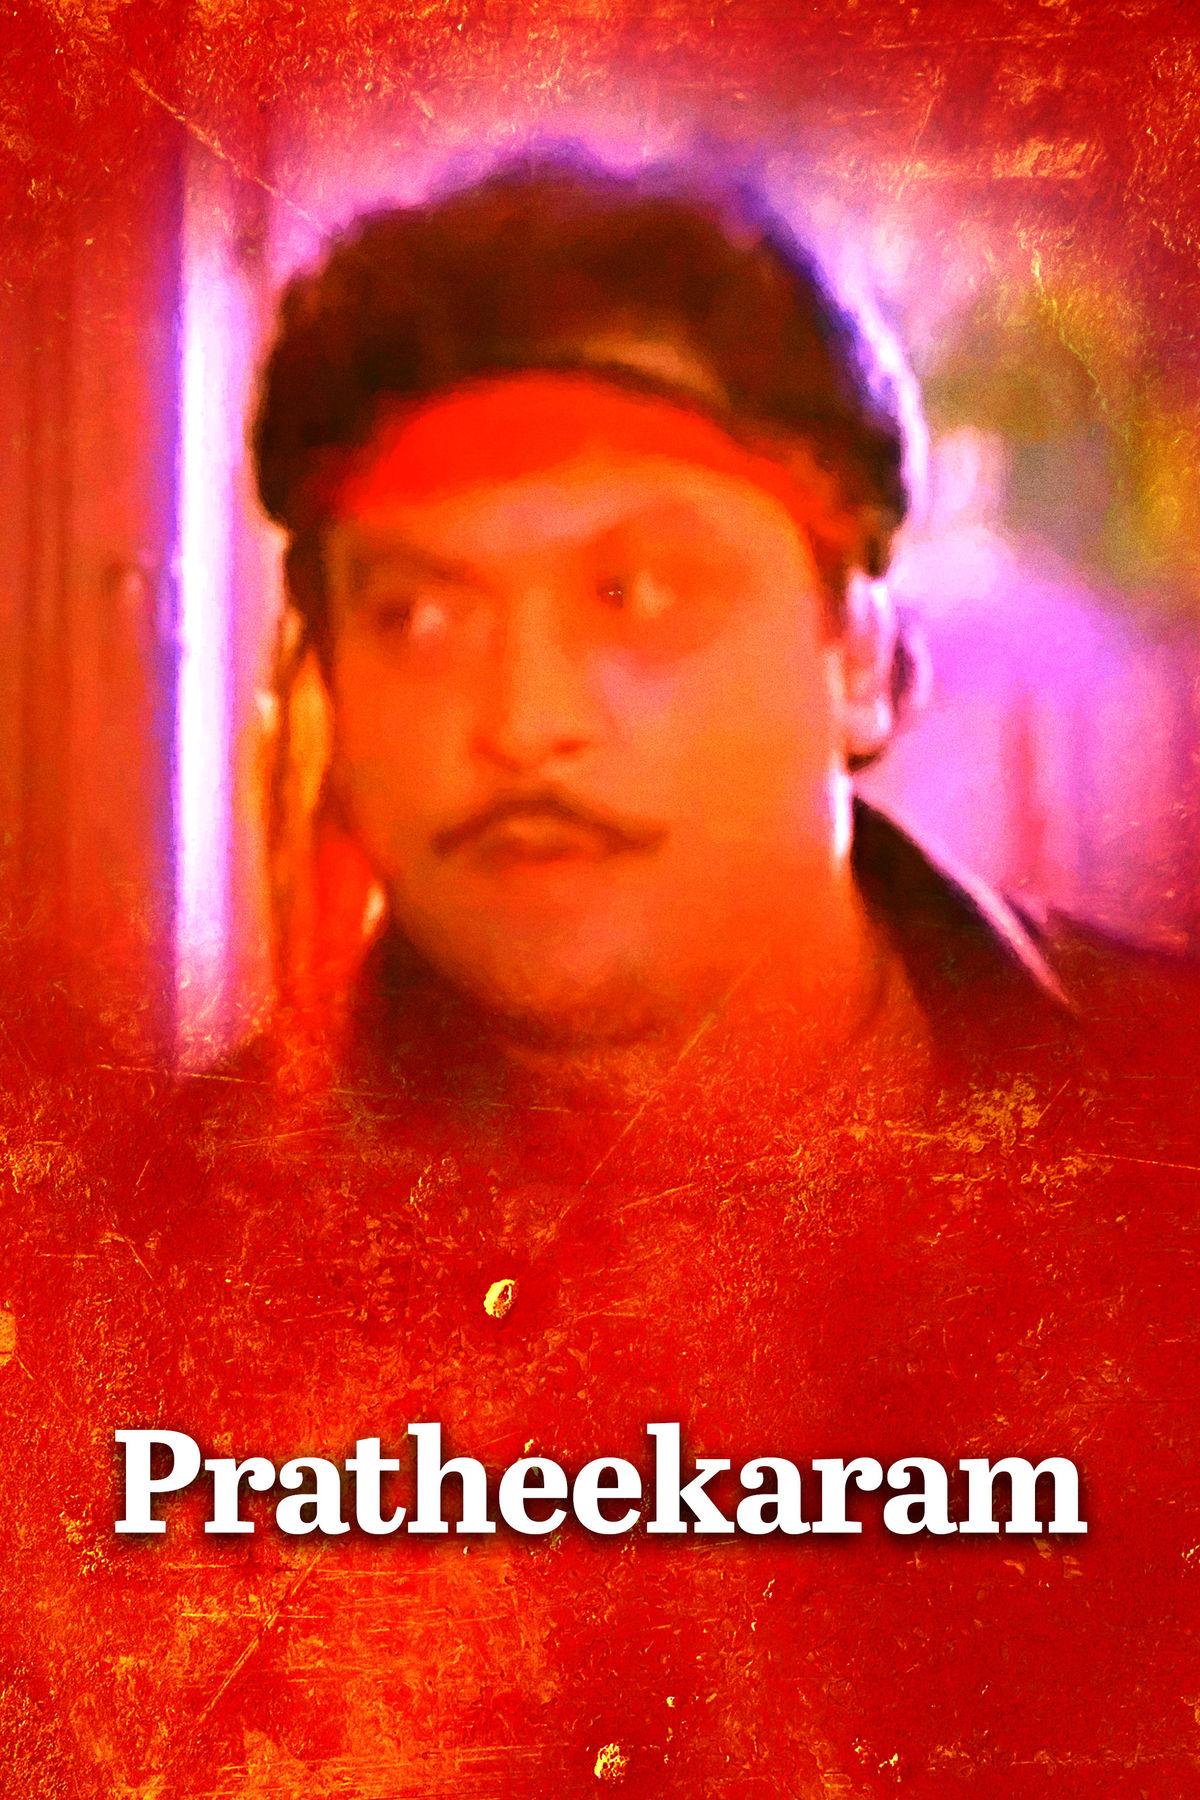 Pratheekaram